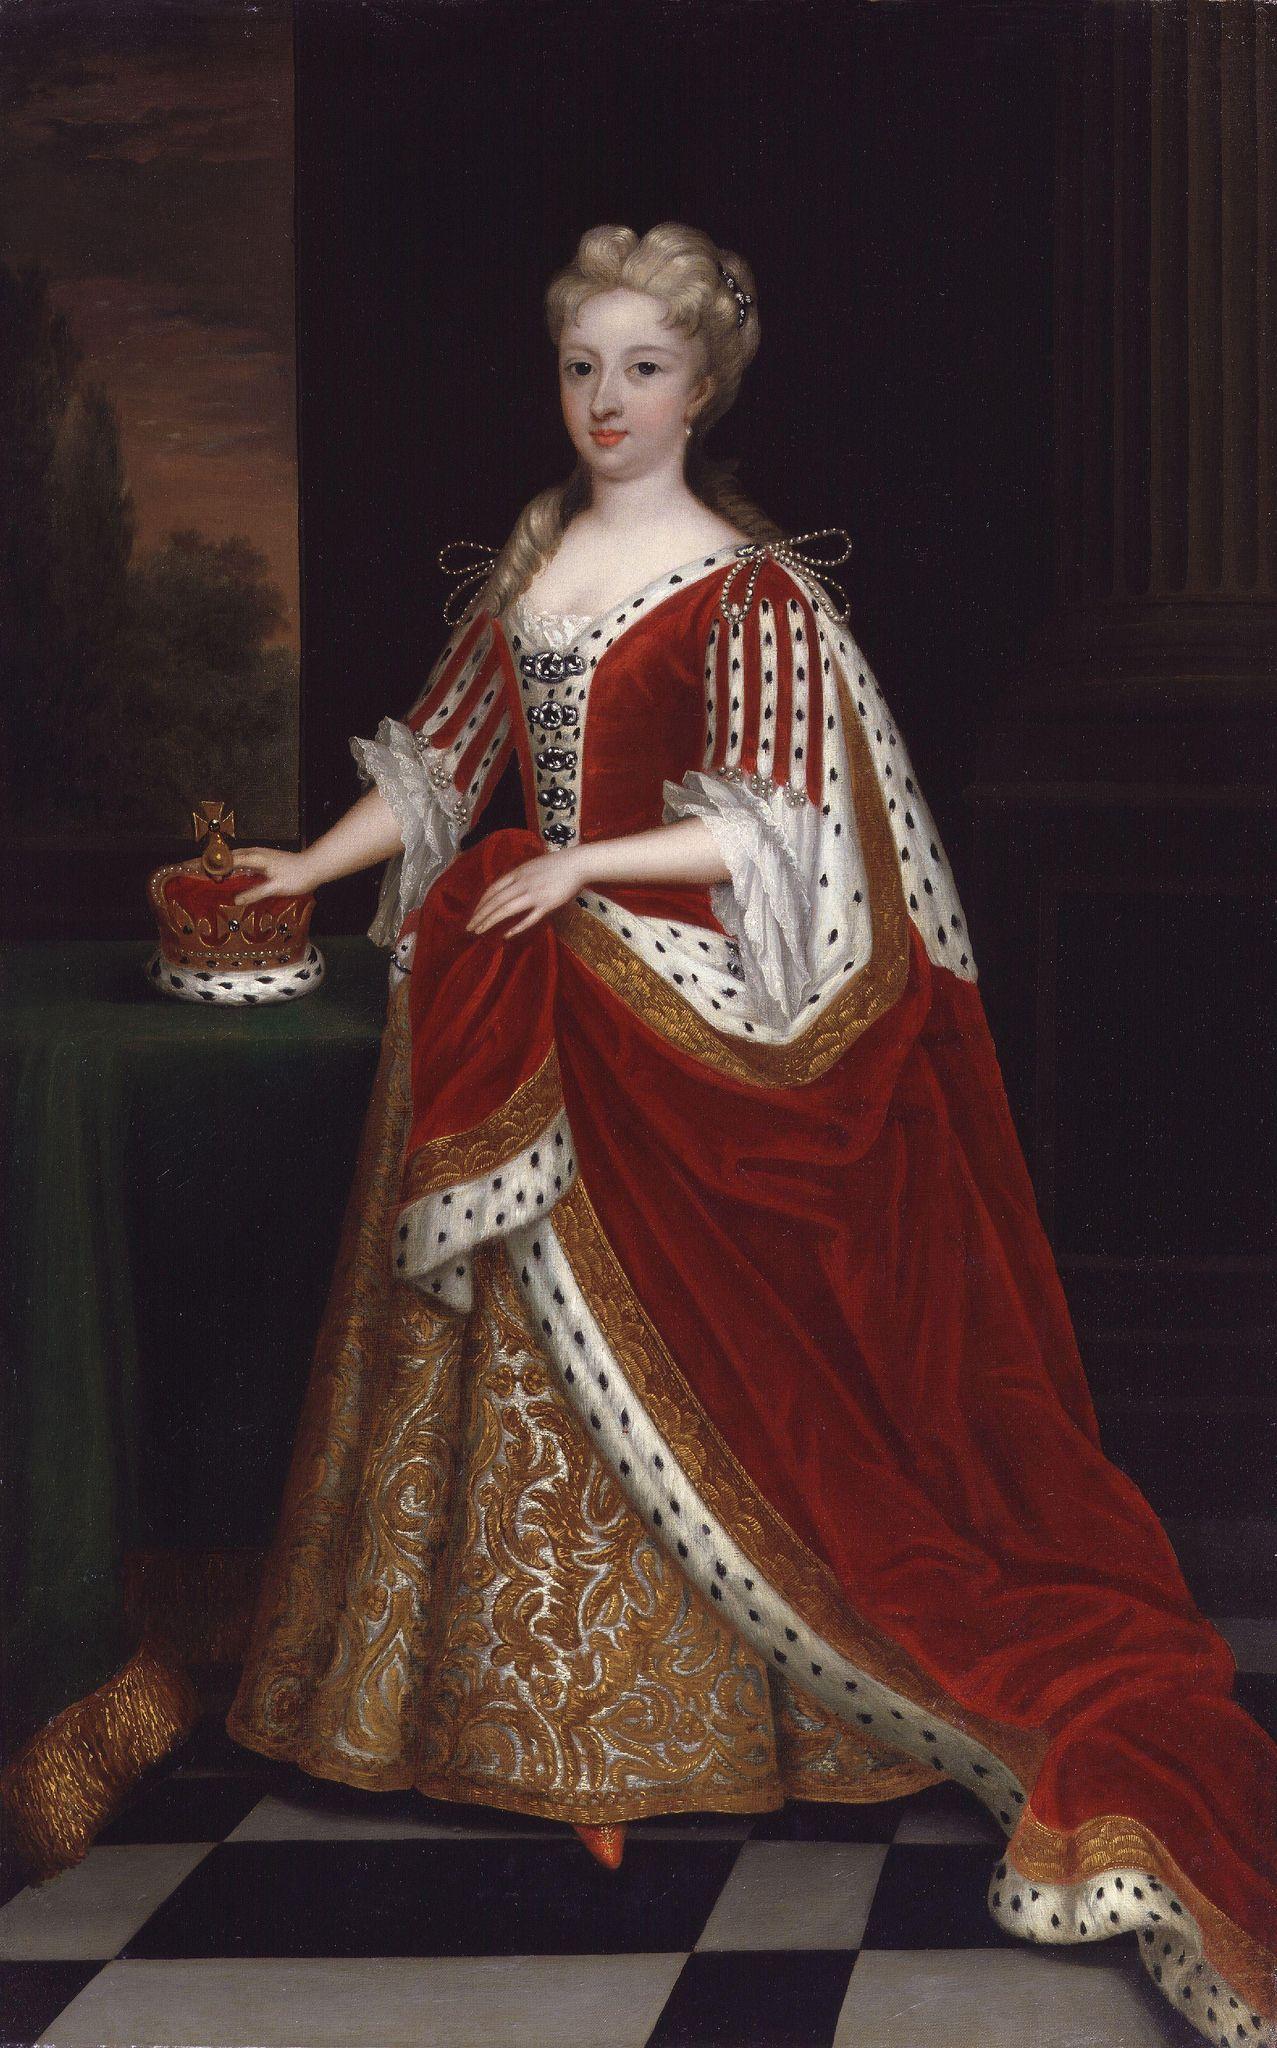 Kneller, Sir Godfrey - Caroline Wilhelmina of Brandenburg